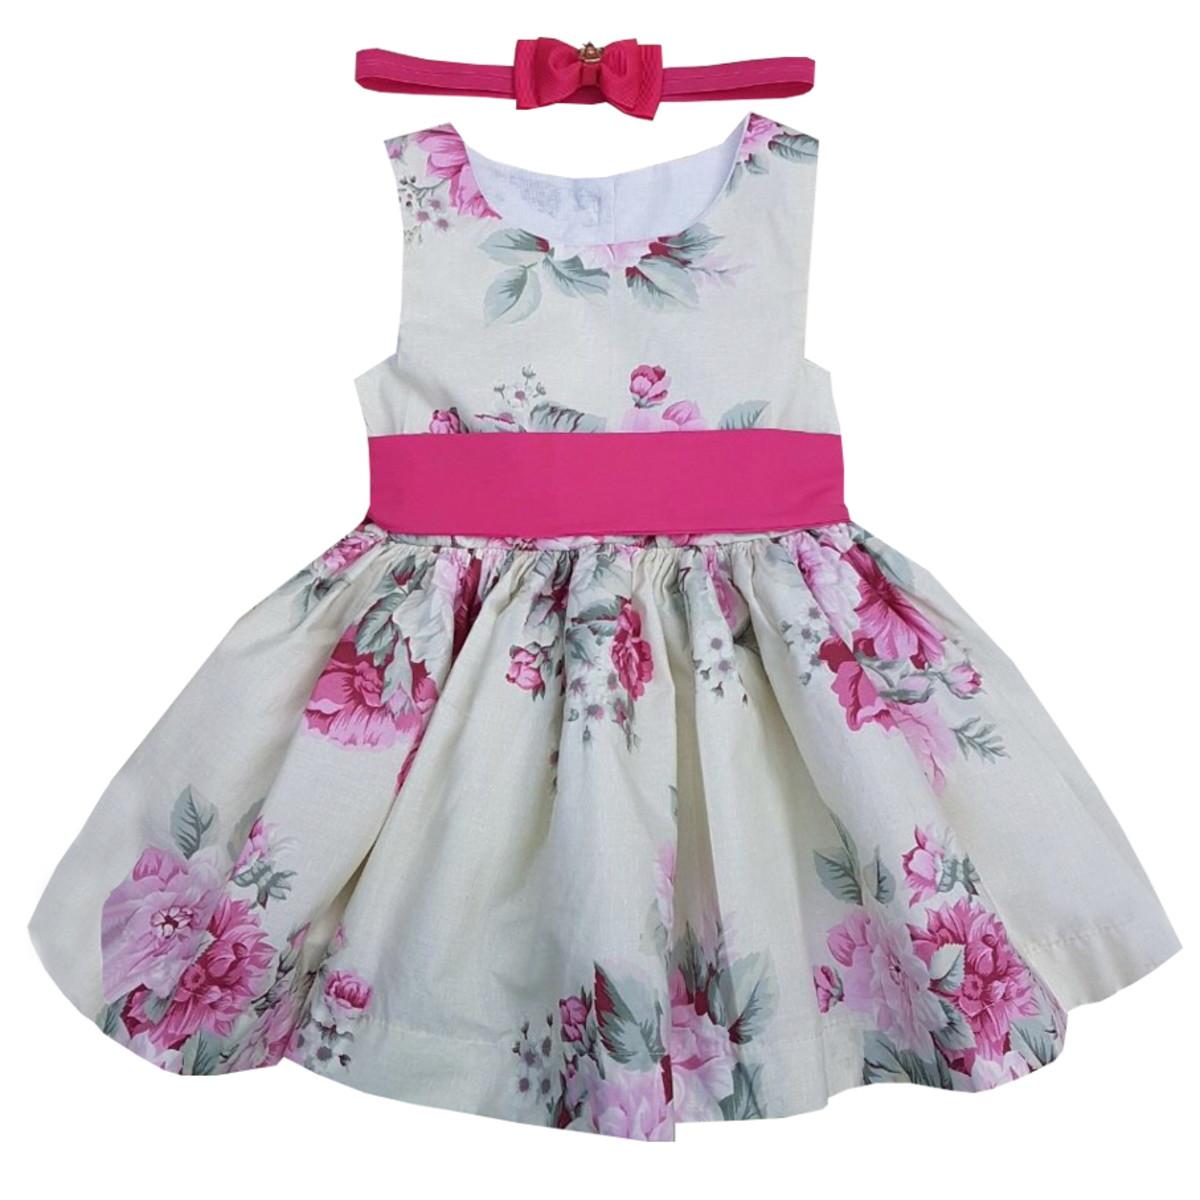 f1ee5fc09 Vestido Bebê Floral Festa no Elo7